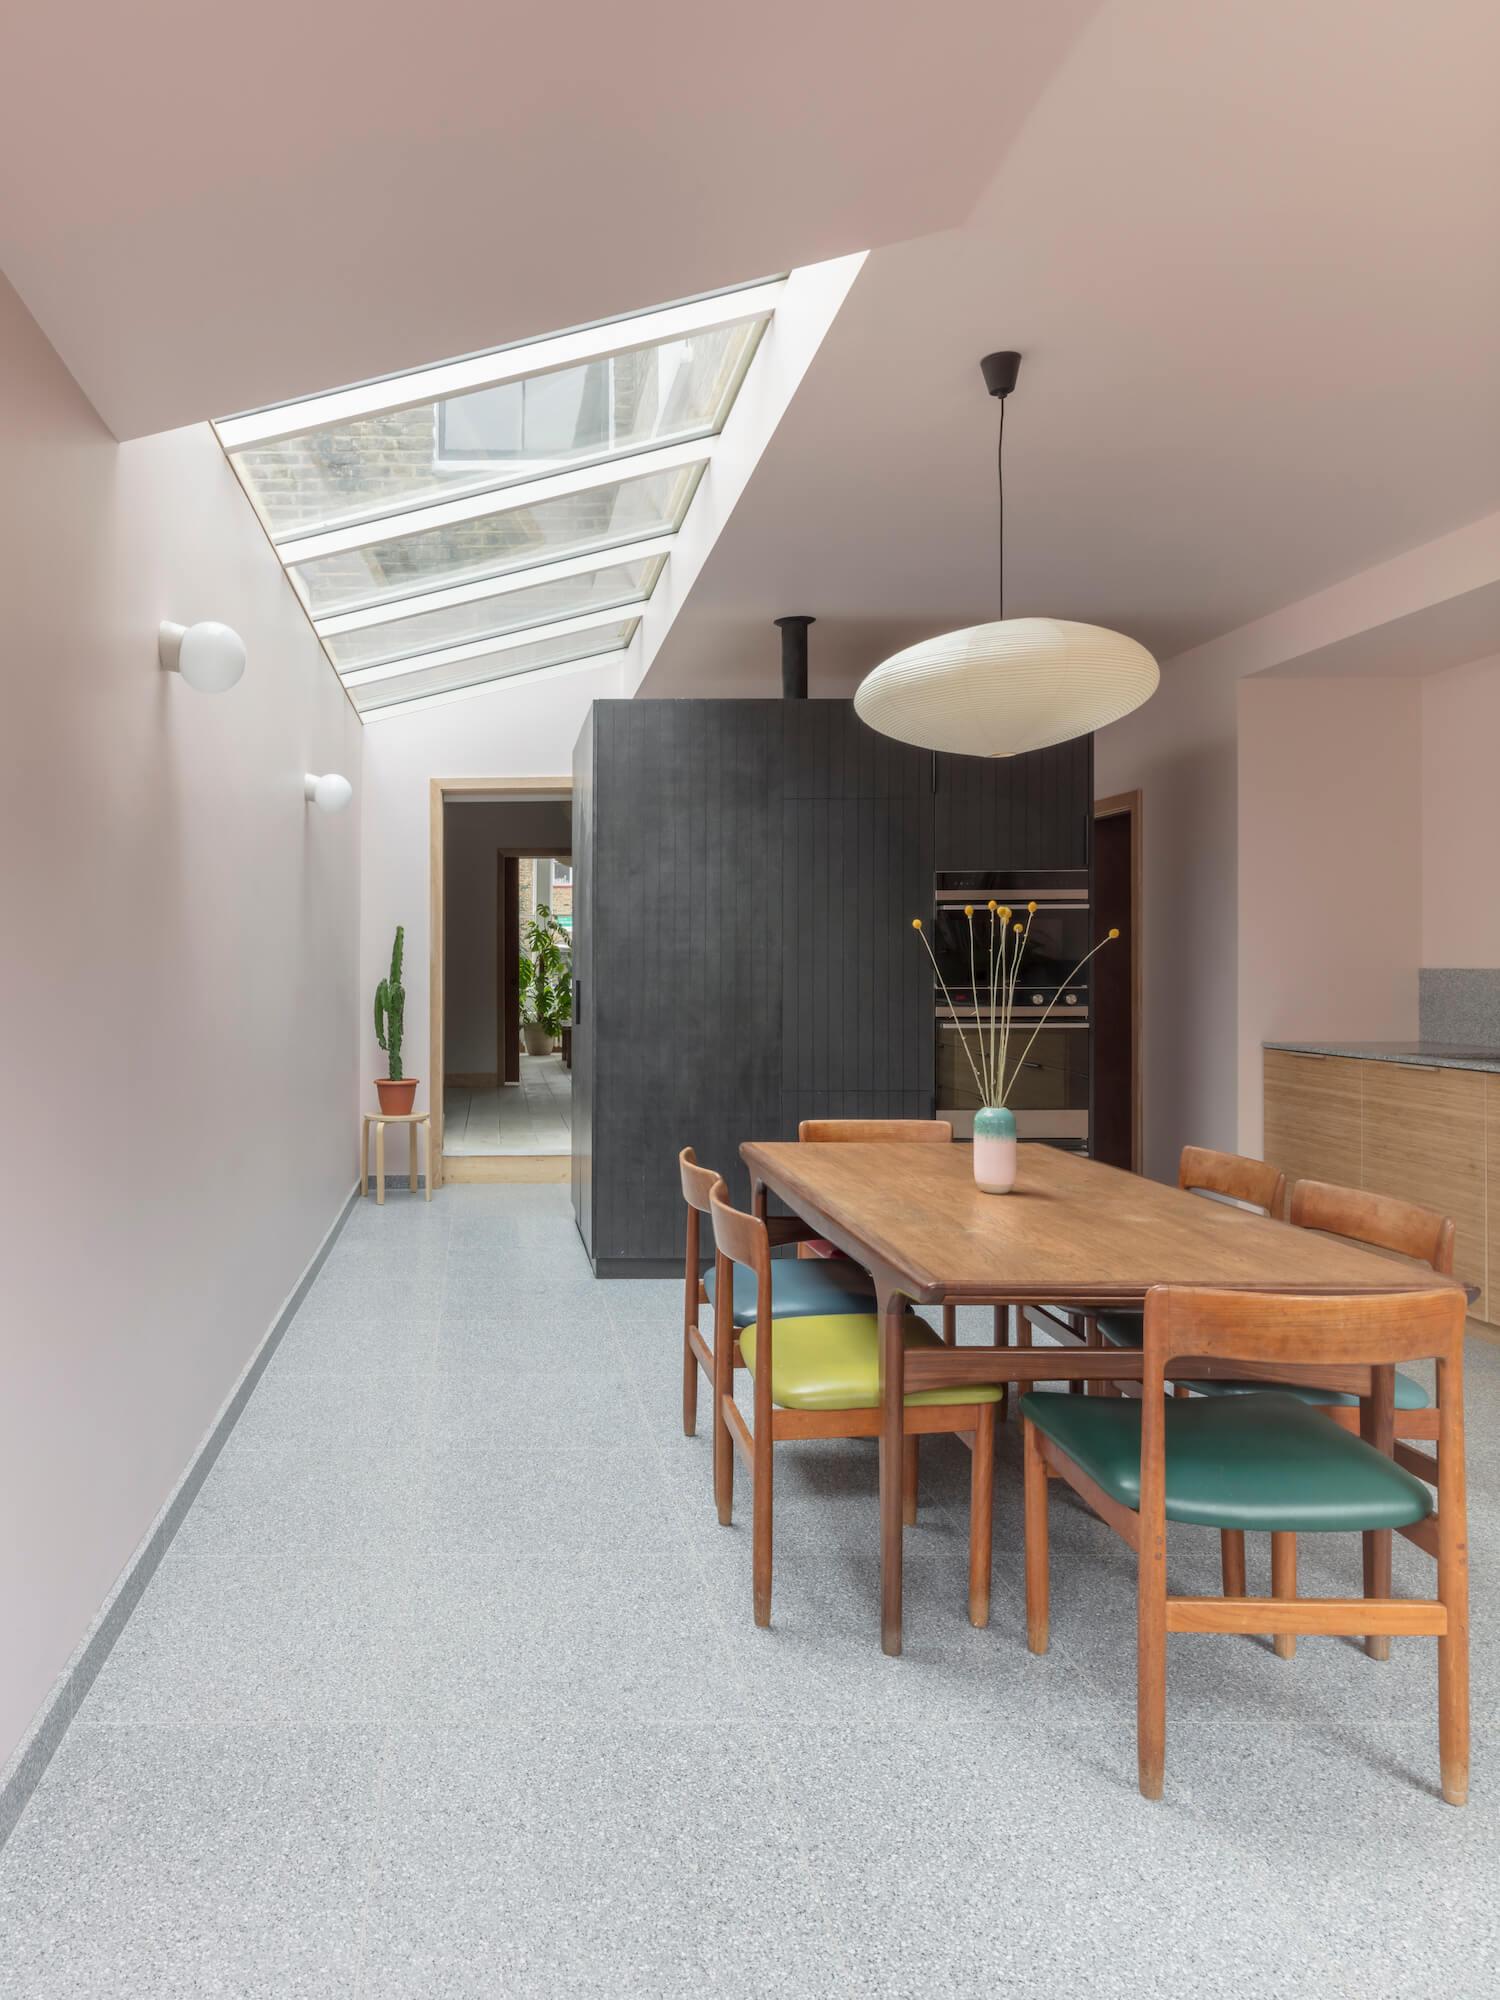 est living terrazzo house simon astridge 4